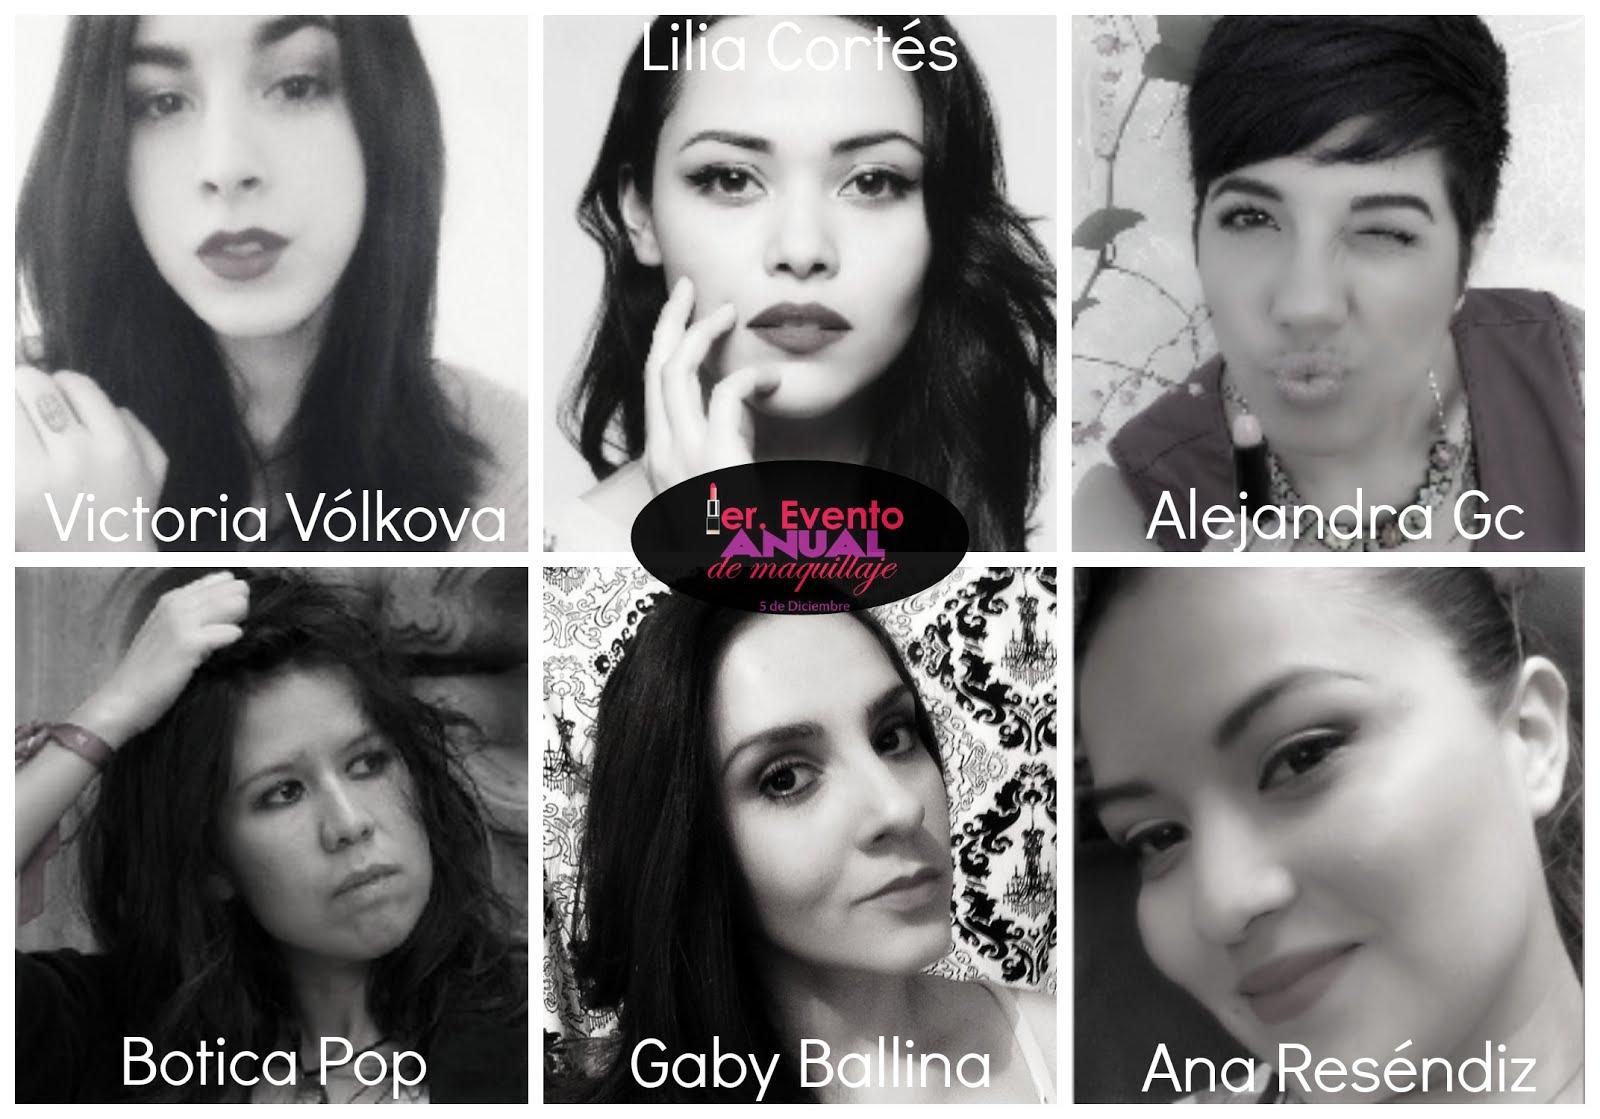 ¡1er Evento Anual de Maquillaje en México!